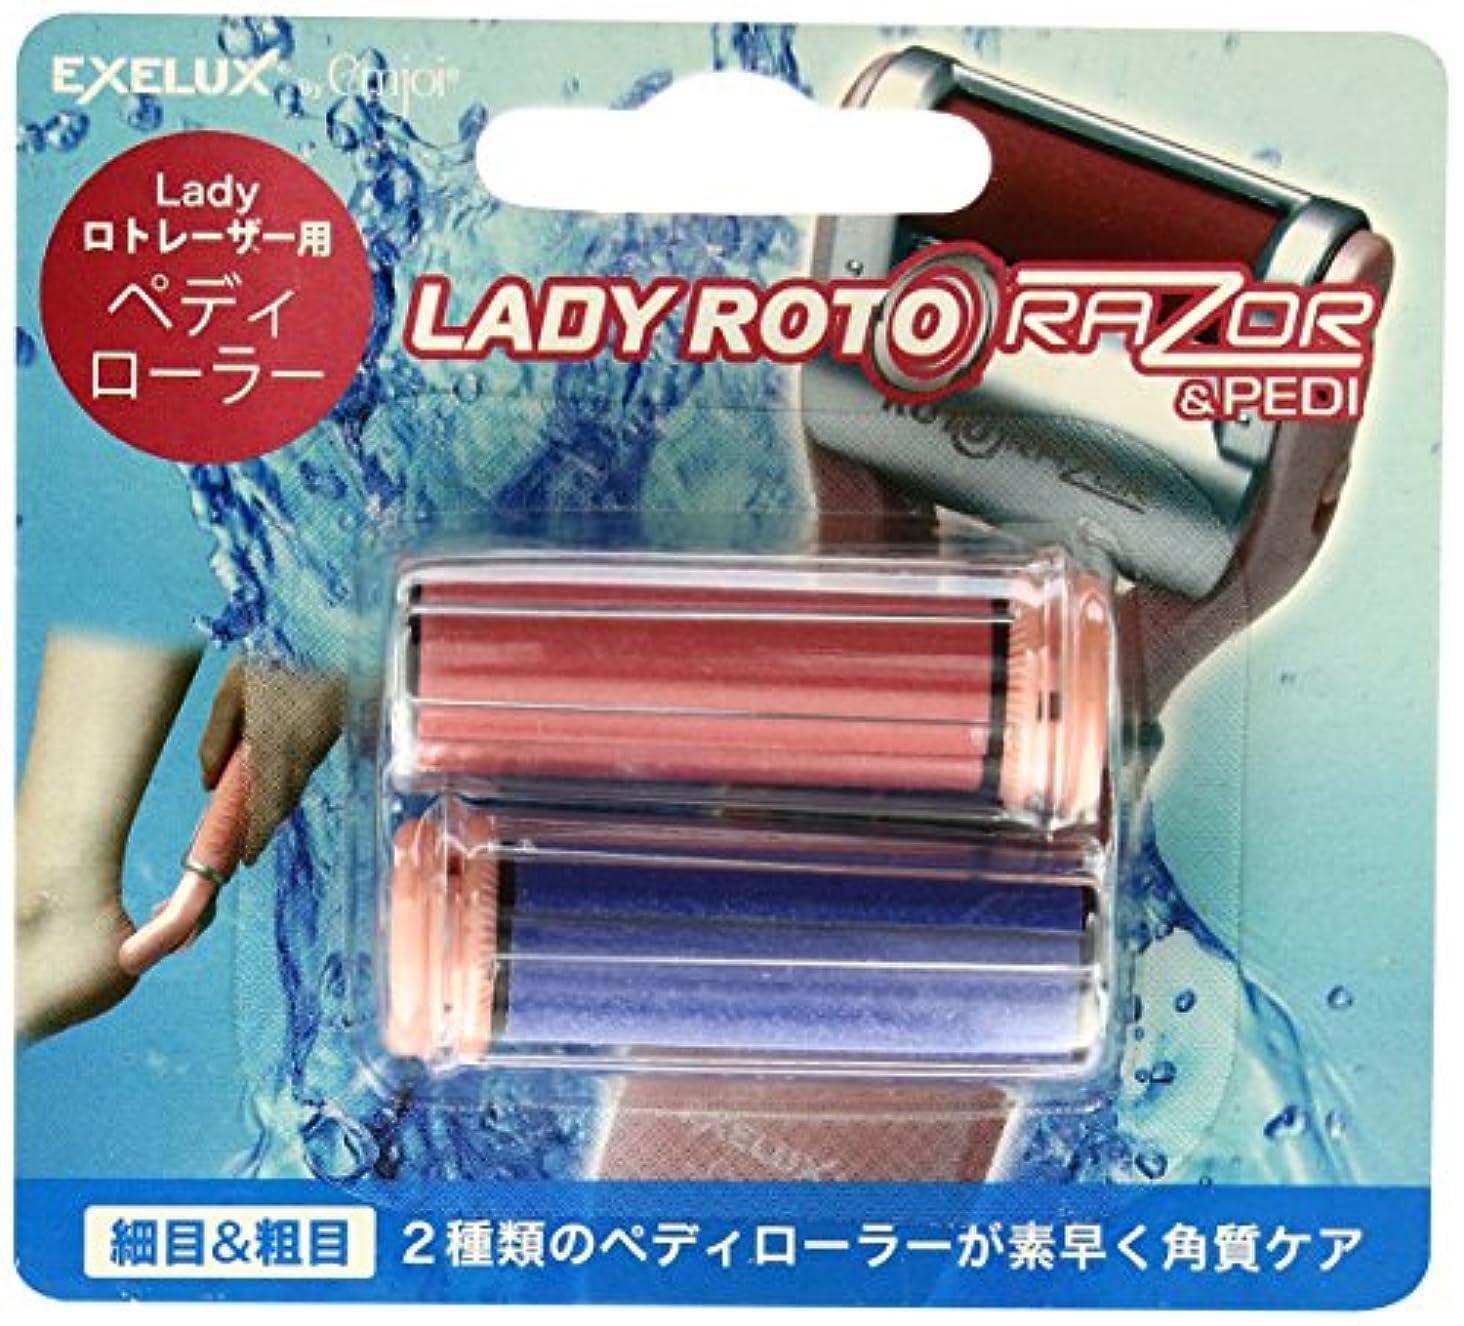 商品ハードウェア行き当たりばったりmetex Lady ロトレーザー & Pedi用ペディローラー EJRR-LP2